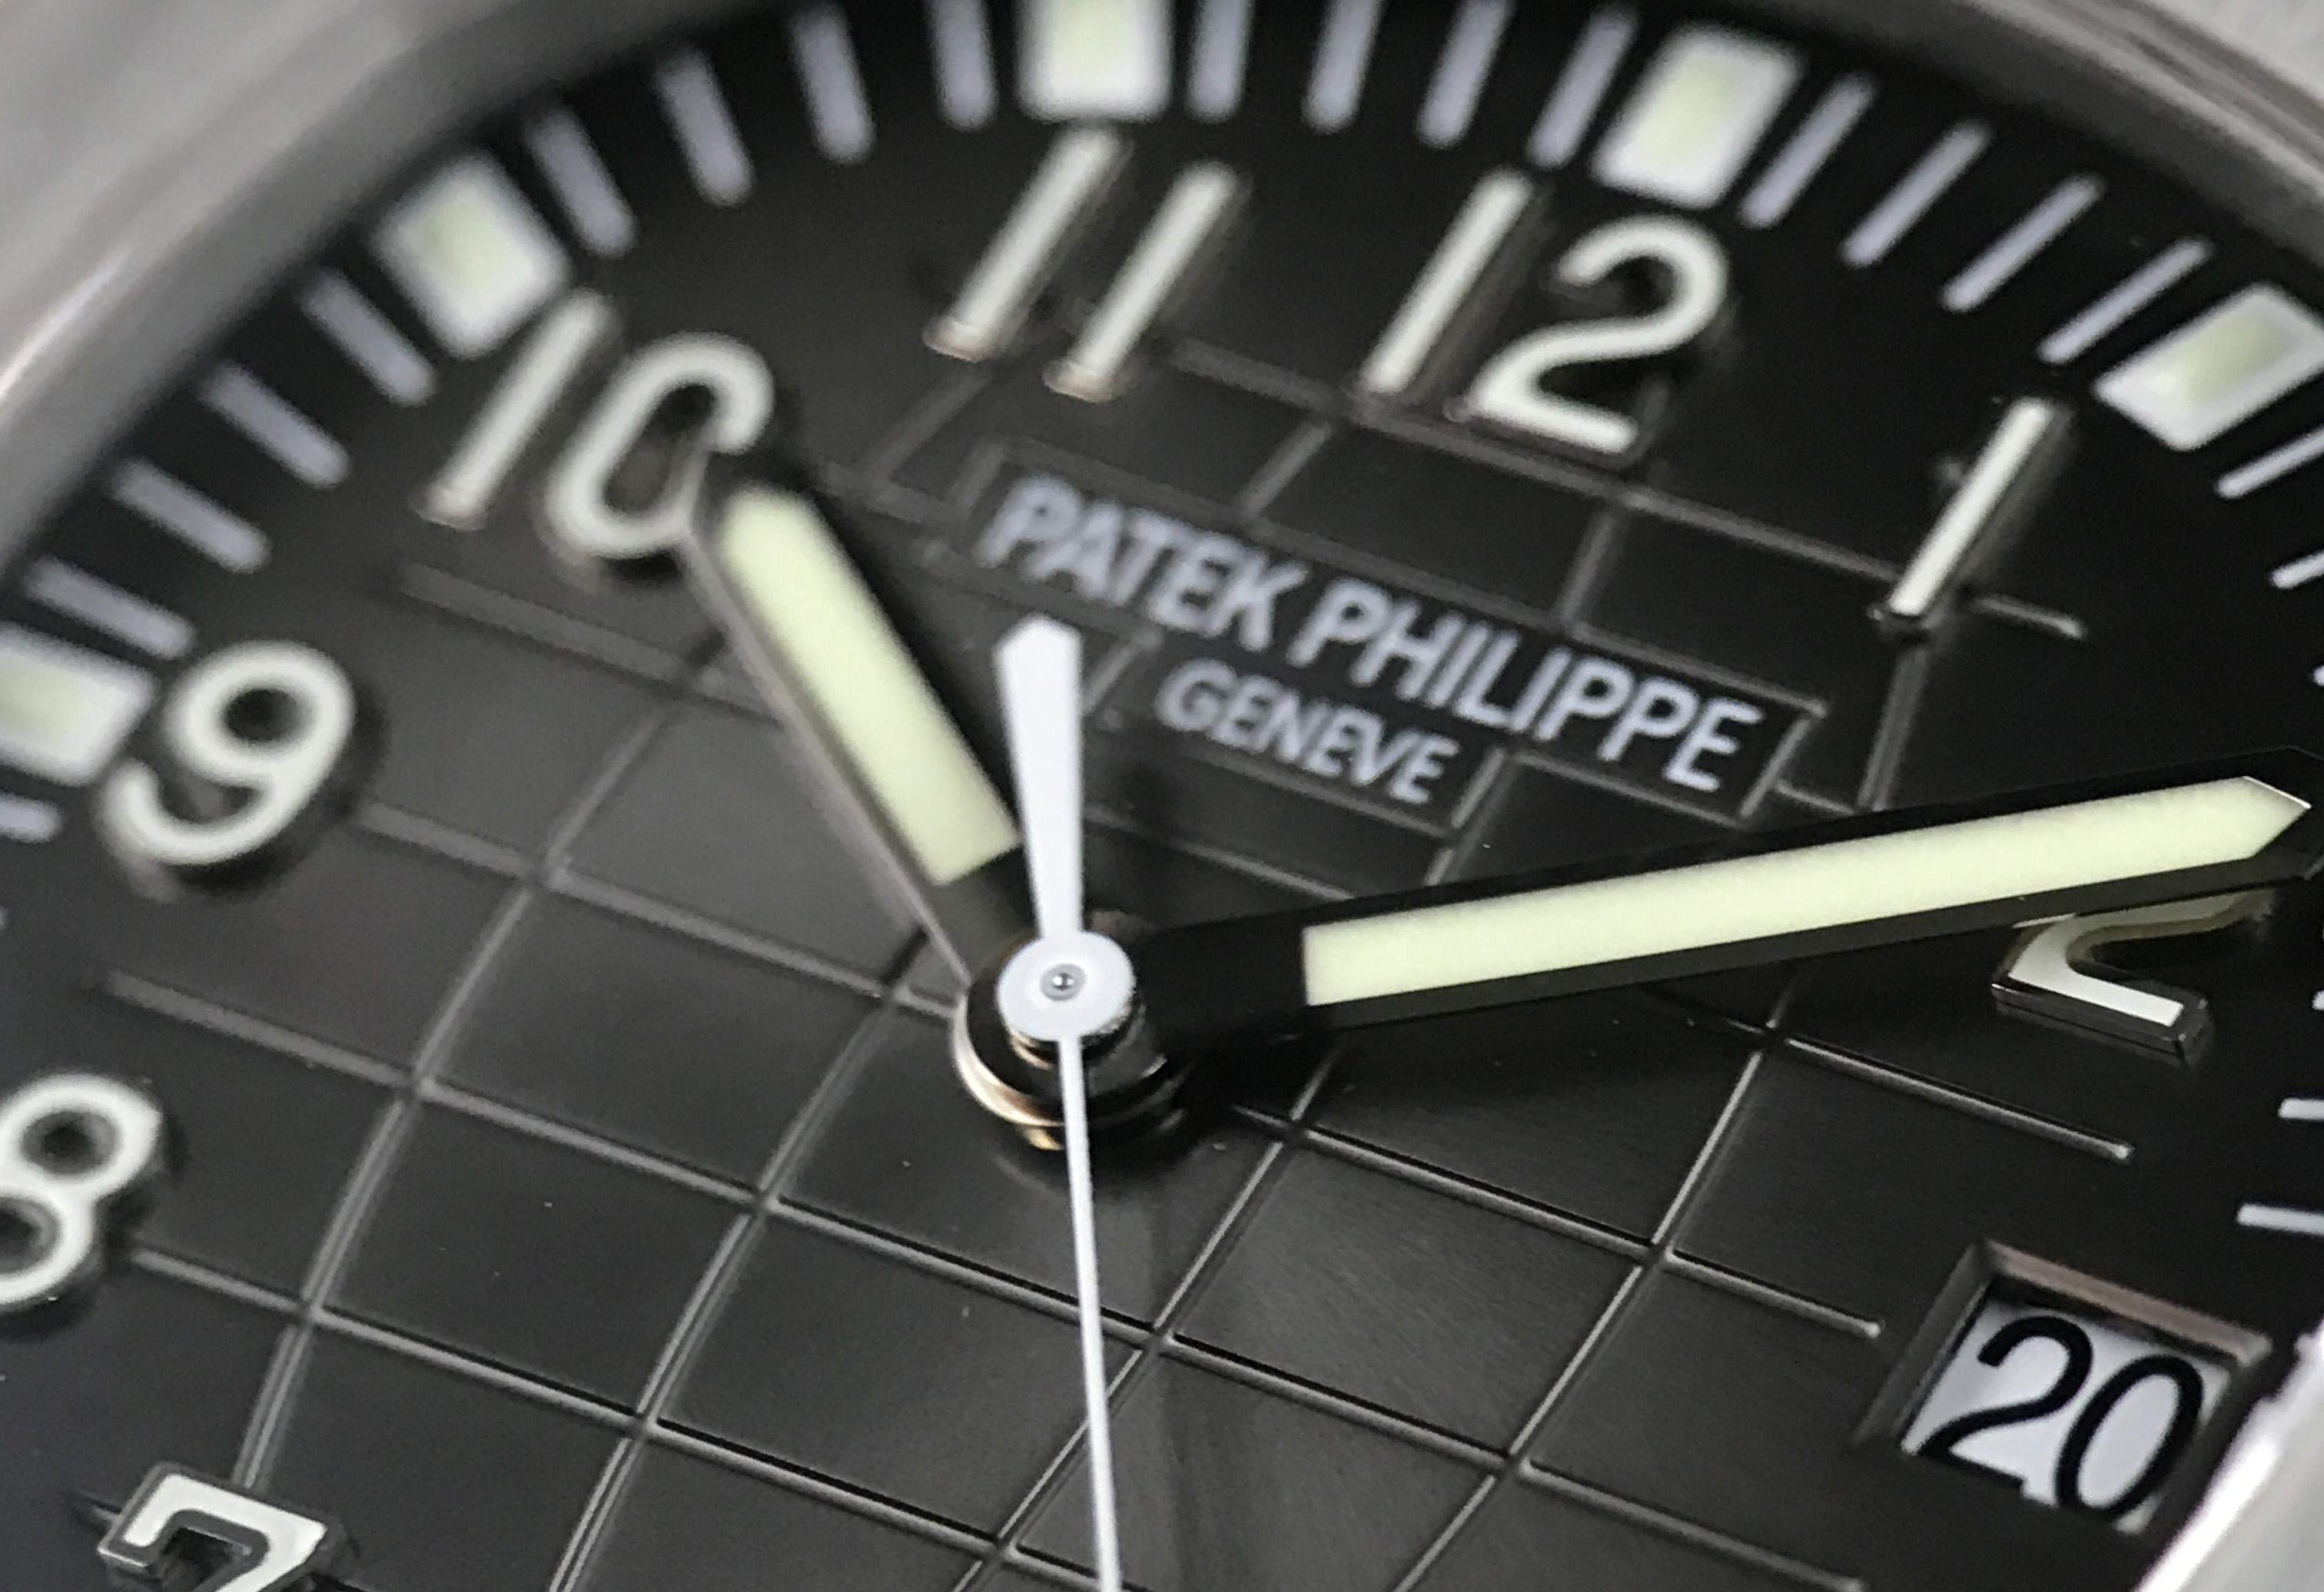 8ab8775884 こだわりの腕時計を安く買いたい方はこちら · →今まで使っていた腕時計のコミットへの買取や委託についてwebで相談